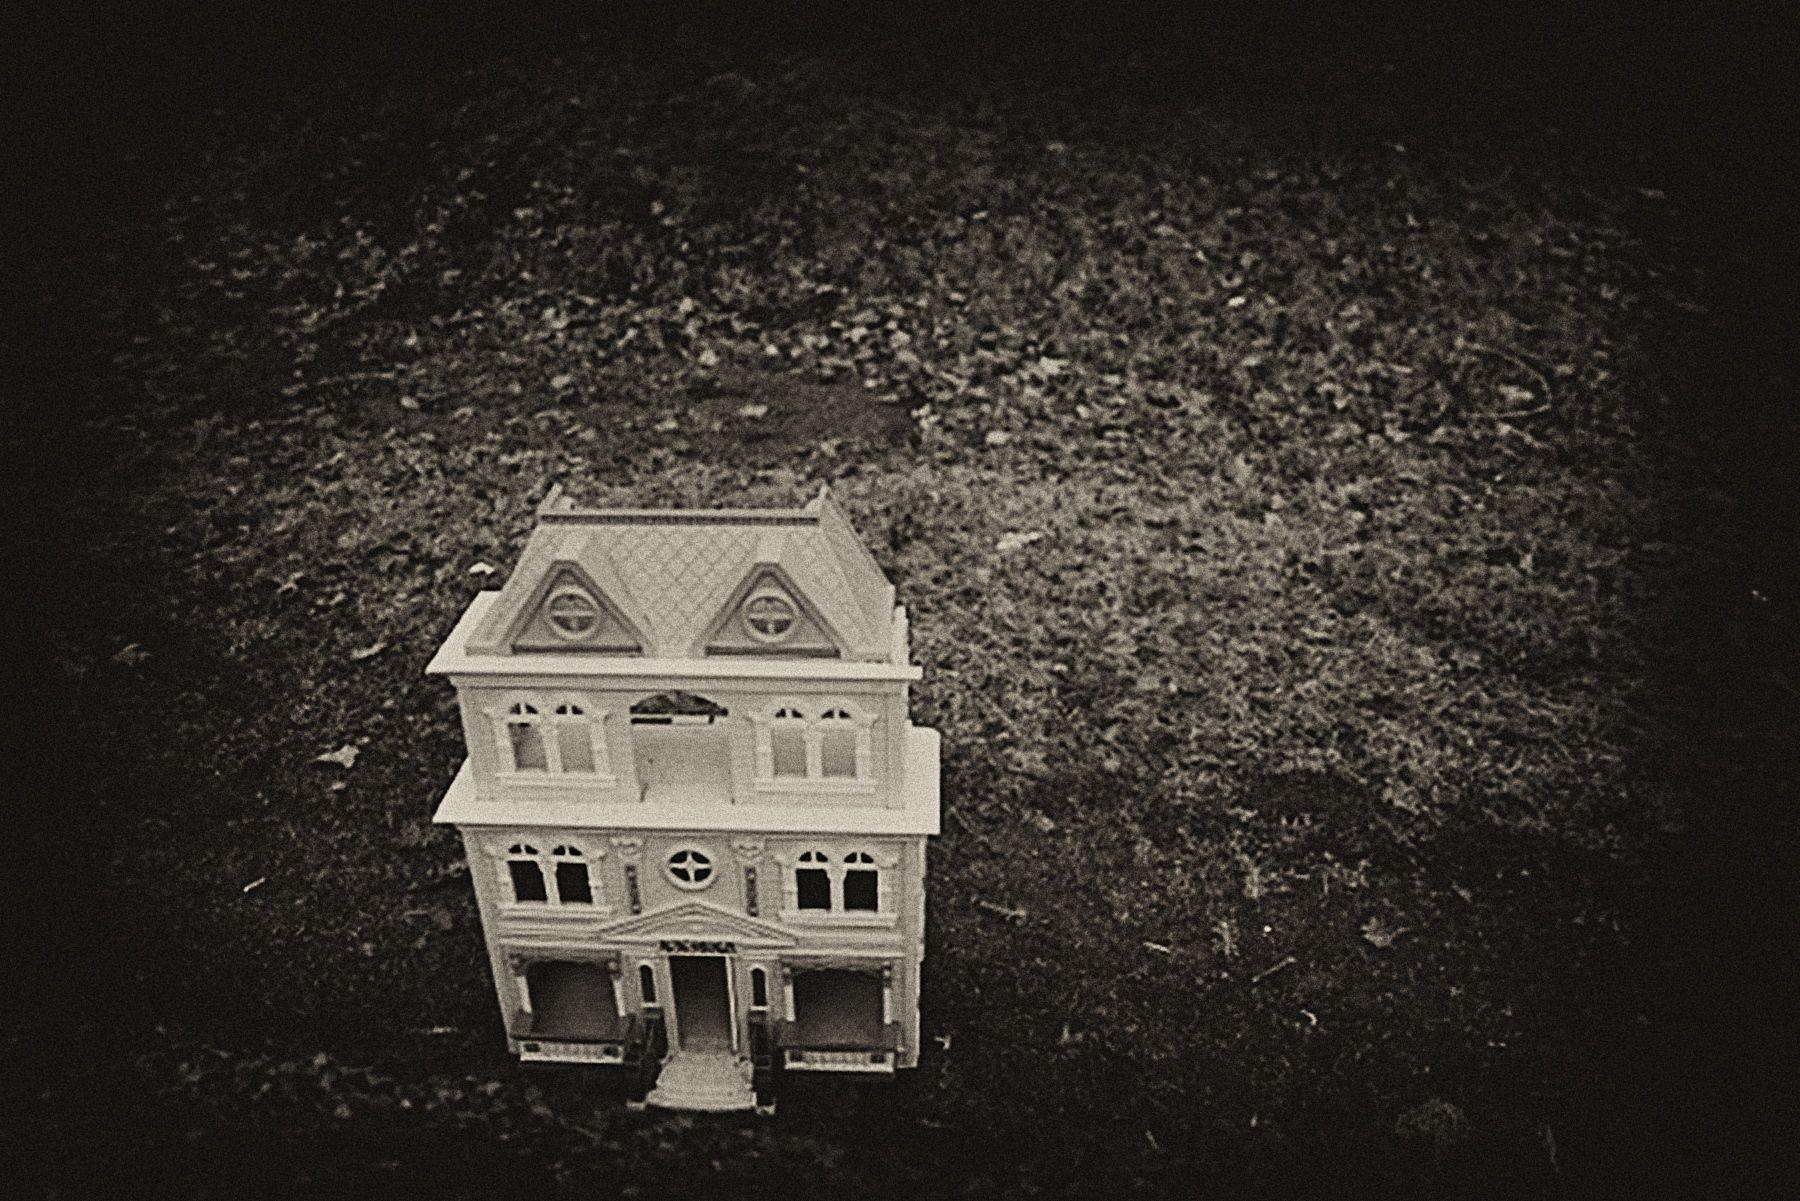 houseb&w_Renzi-Hawkens.jpg